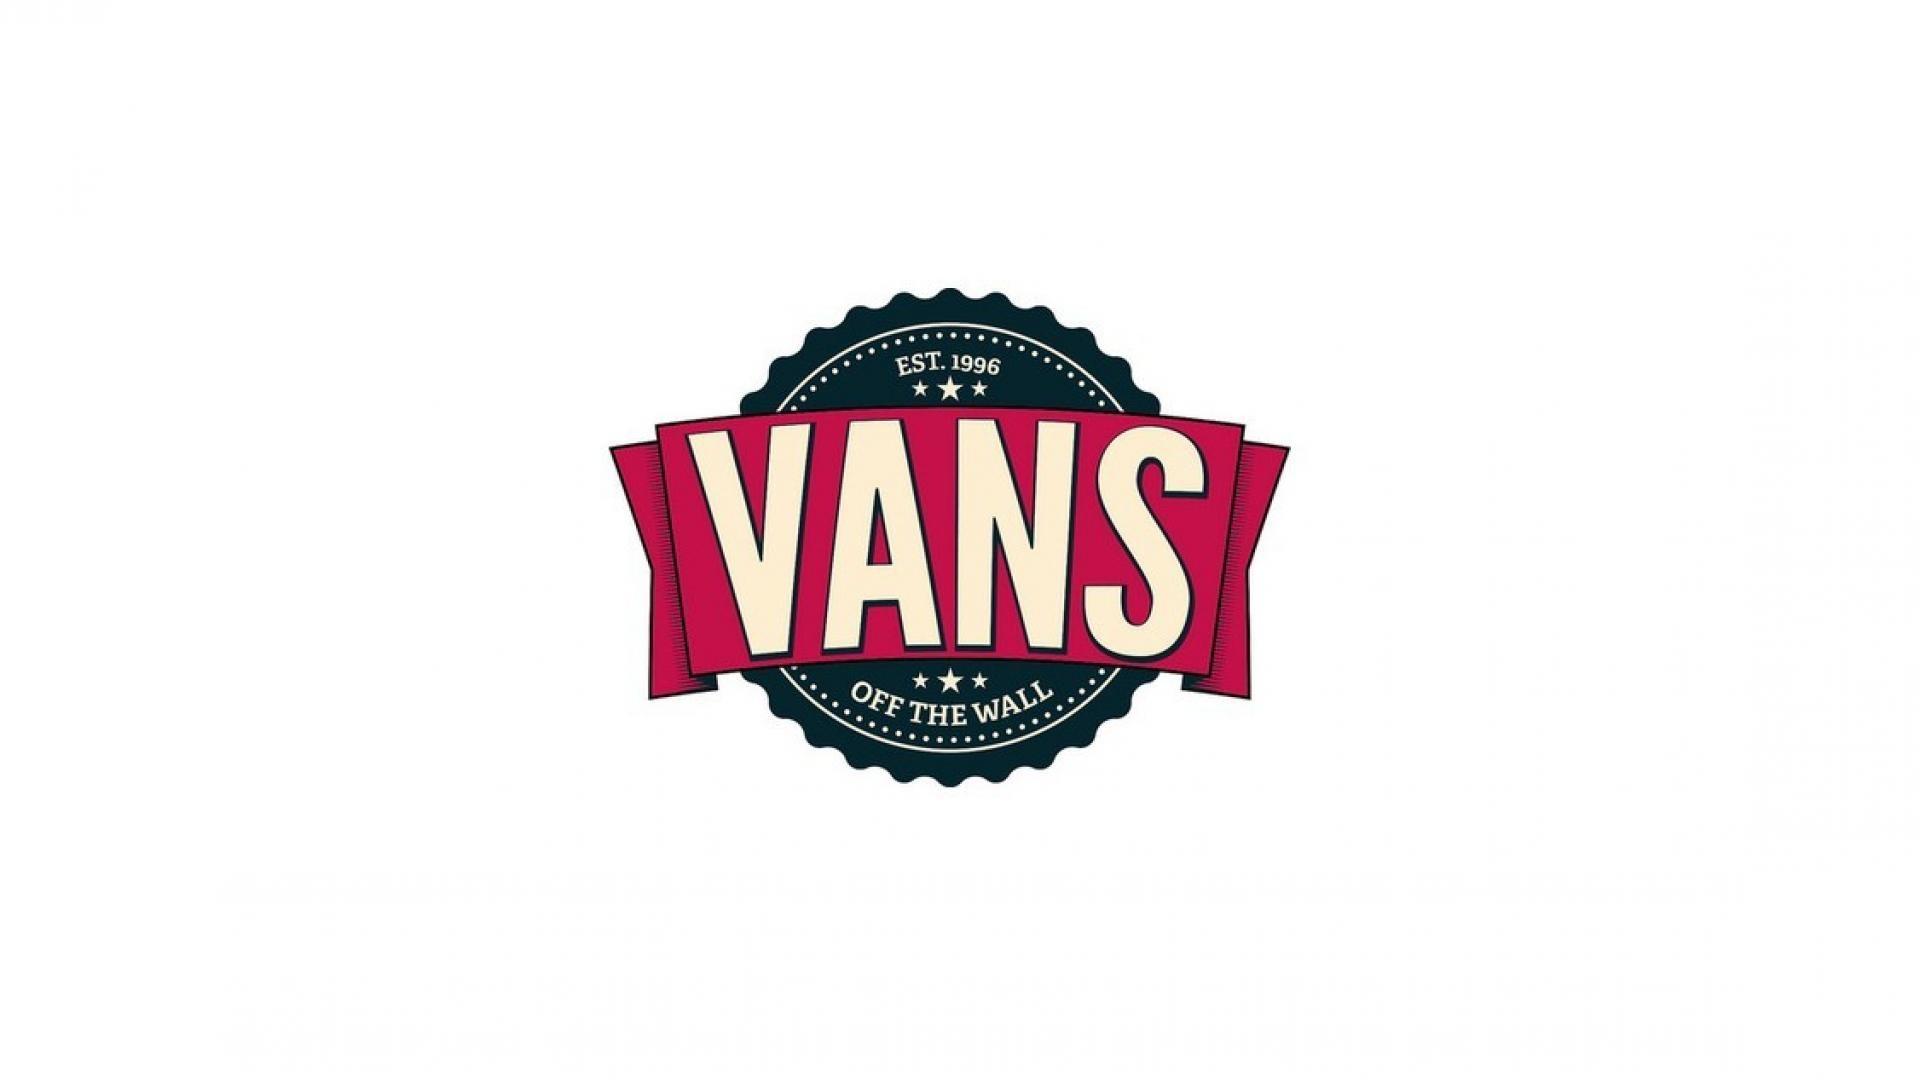 1920x1080 Vans Logo Wallpaper Pictures)